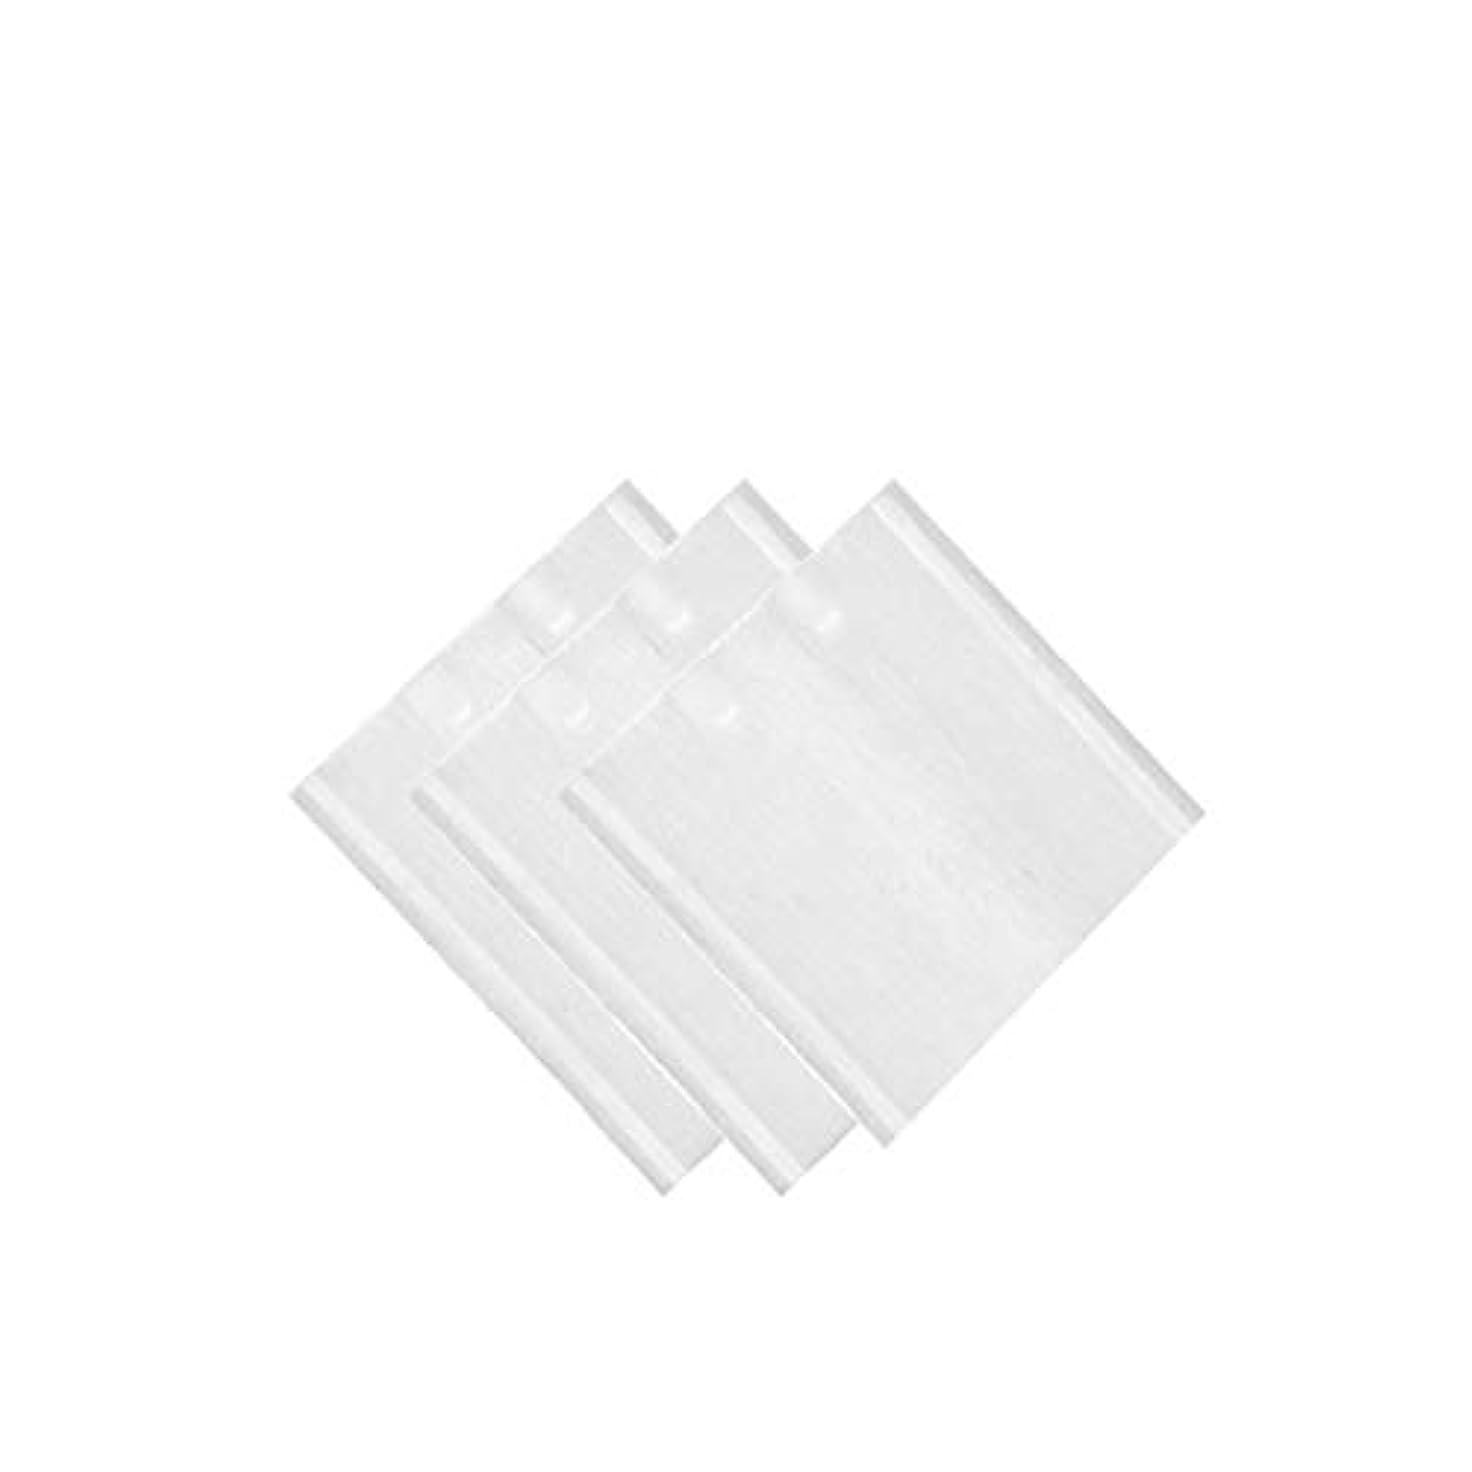 コスト毎週万歳アイメイクの綿と222pcsピュアコットン化粧水の保全白い柔らかい優しいメイクツール